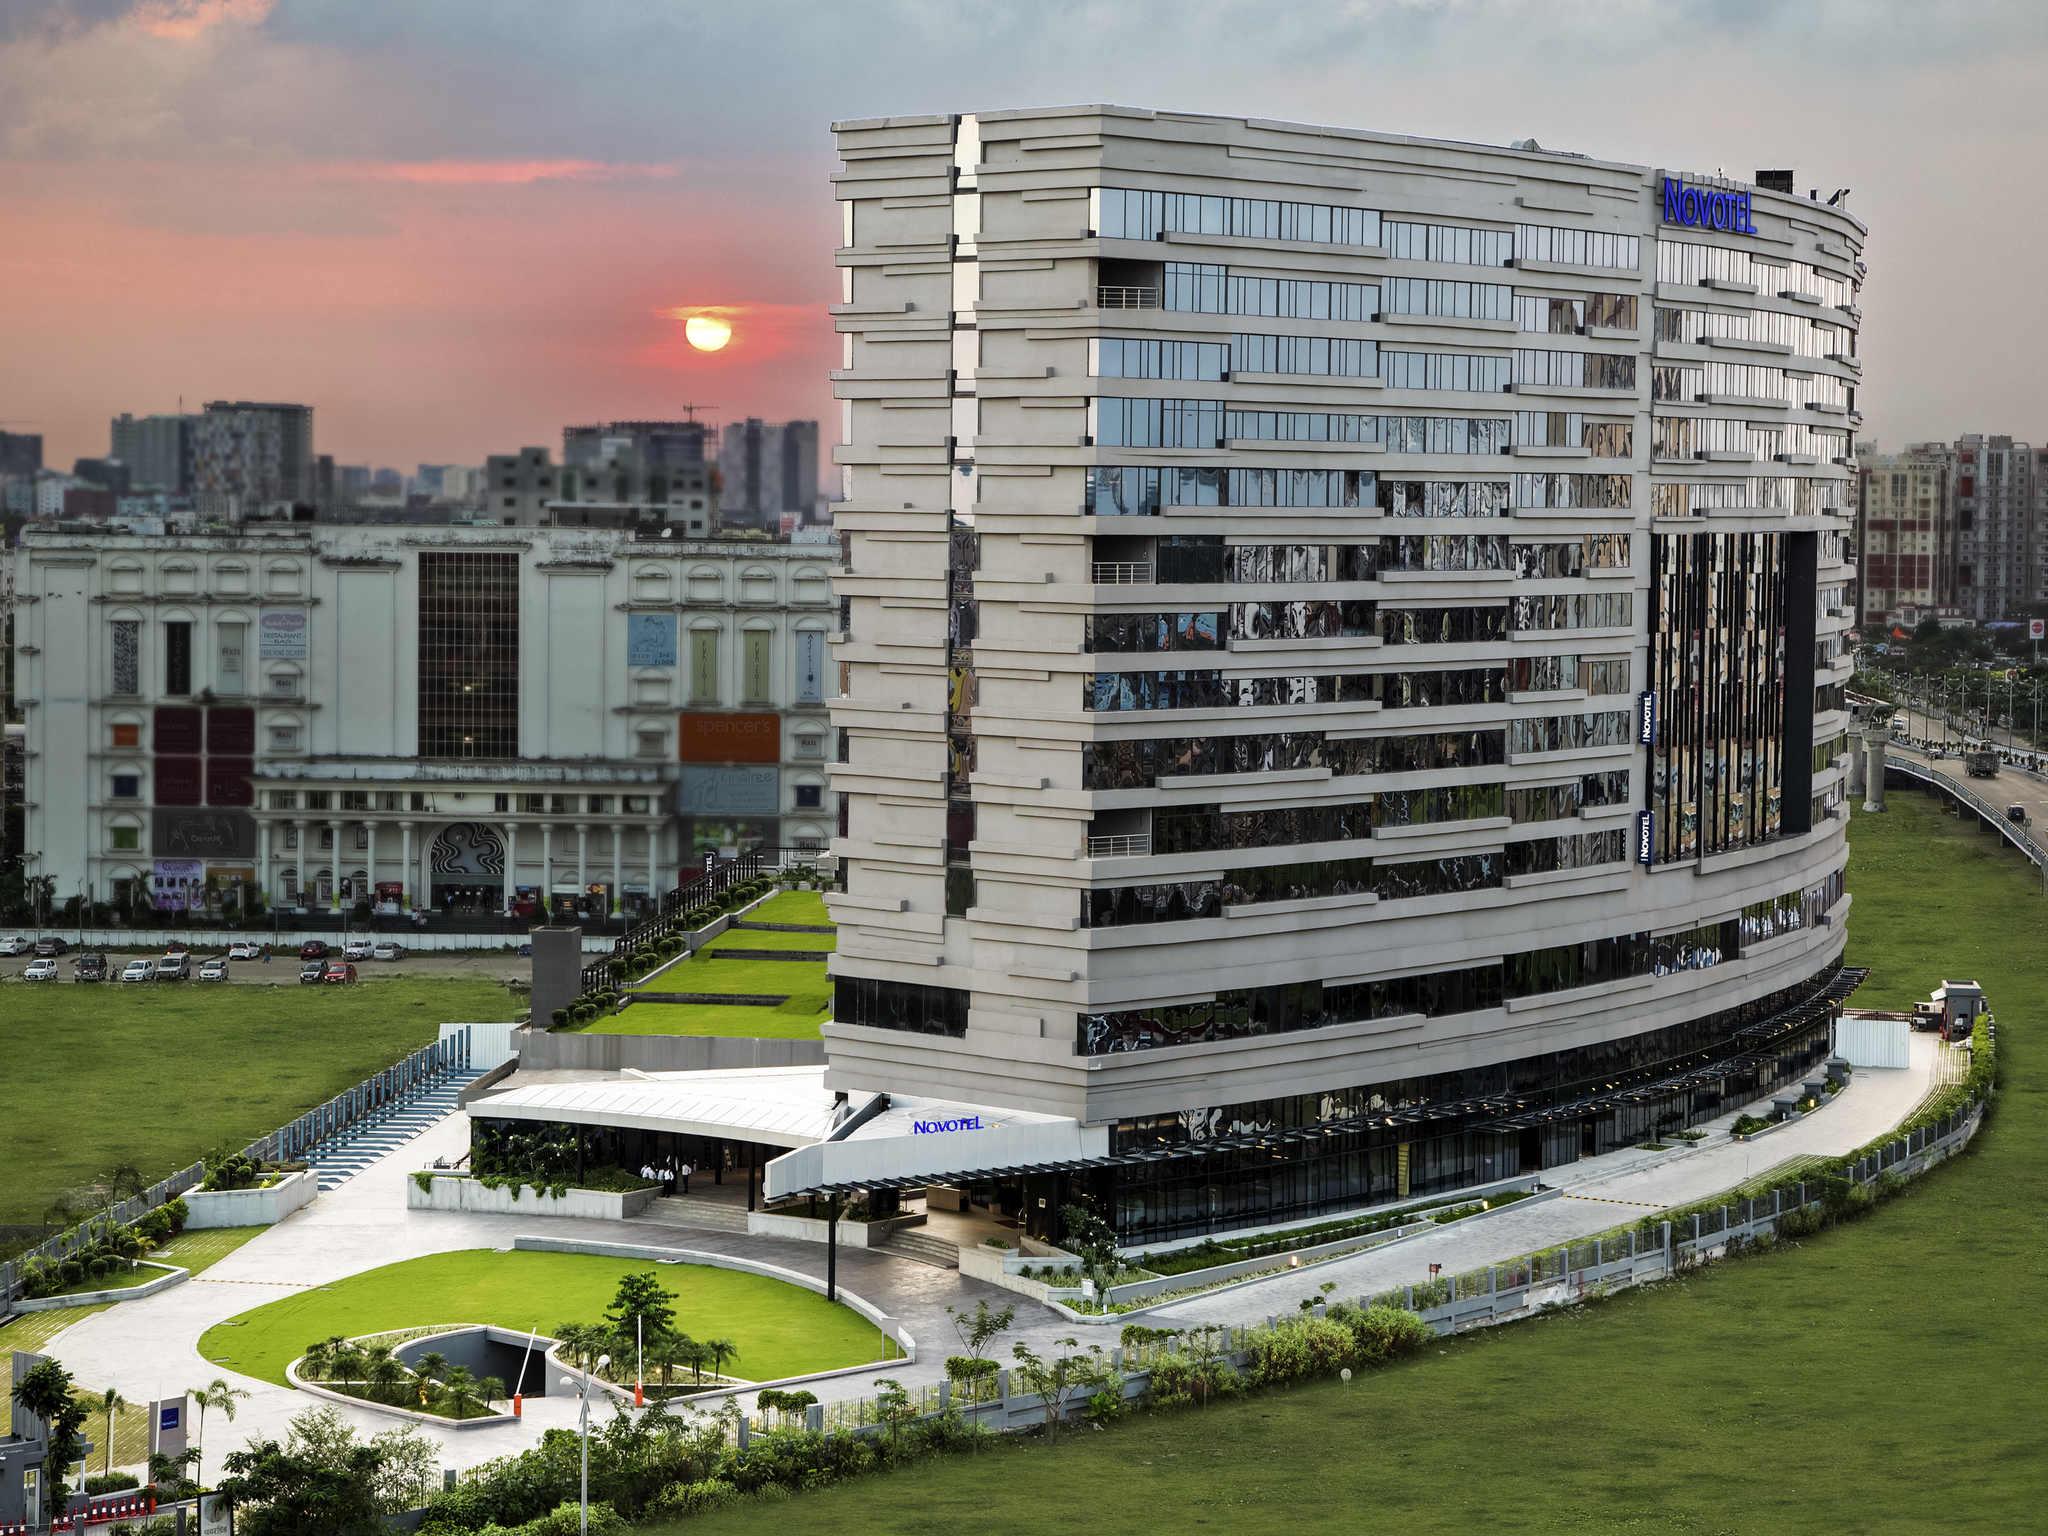 Hotel – Novotel Kolkata - Hotel & Residences